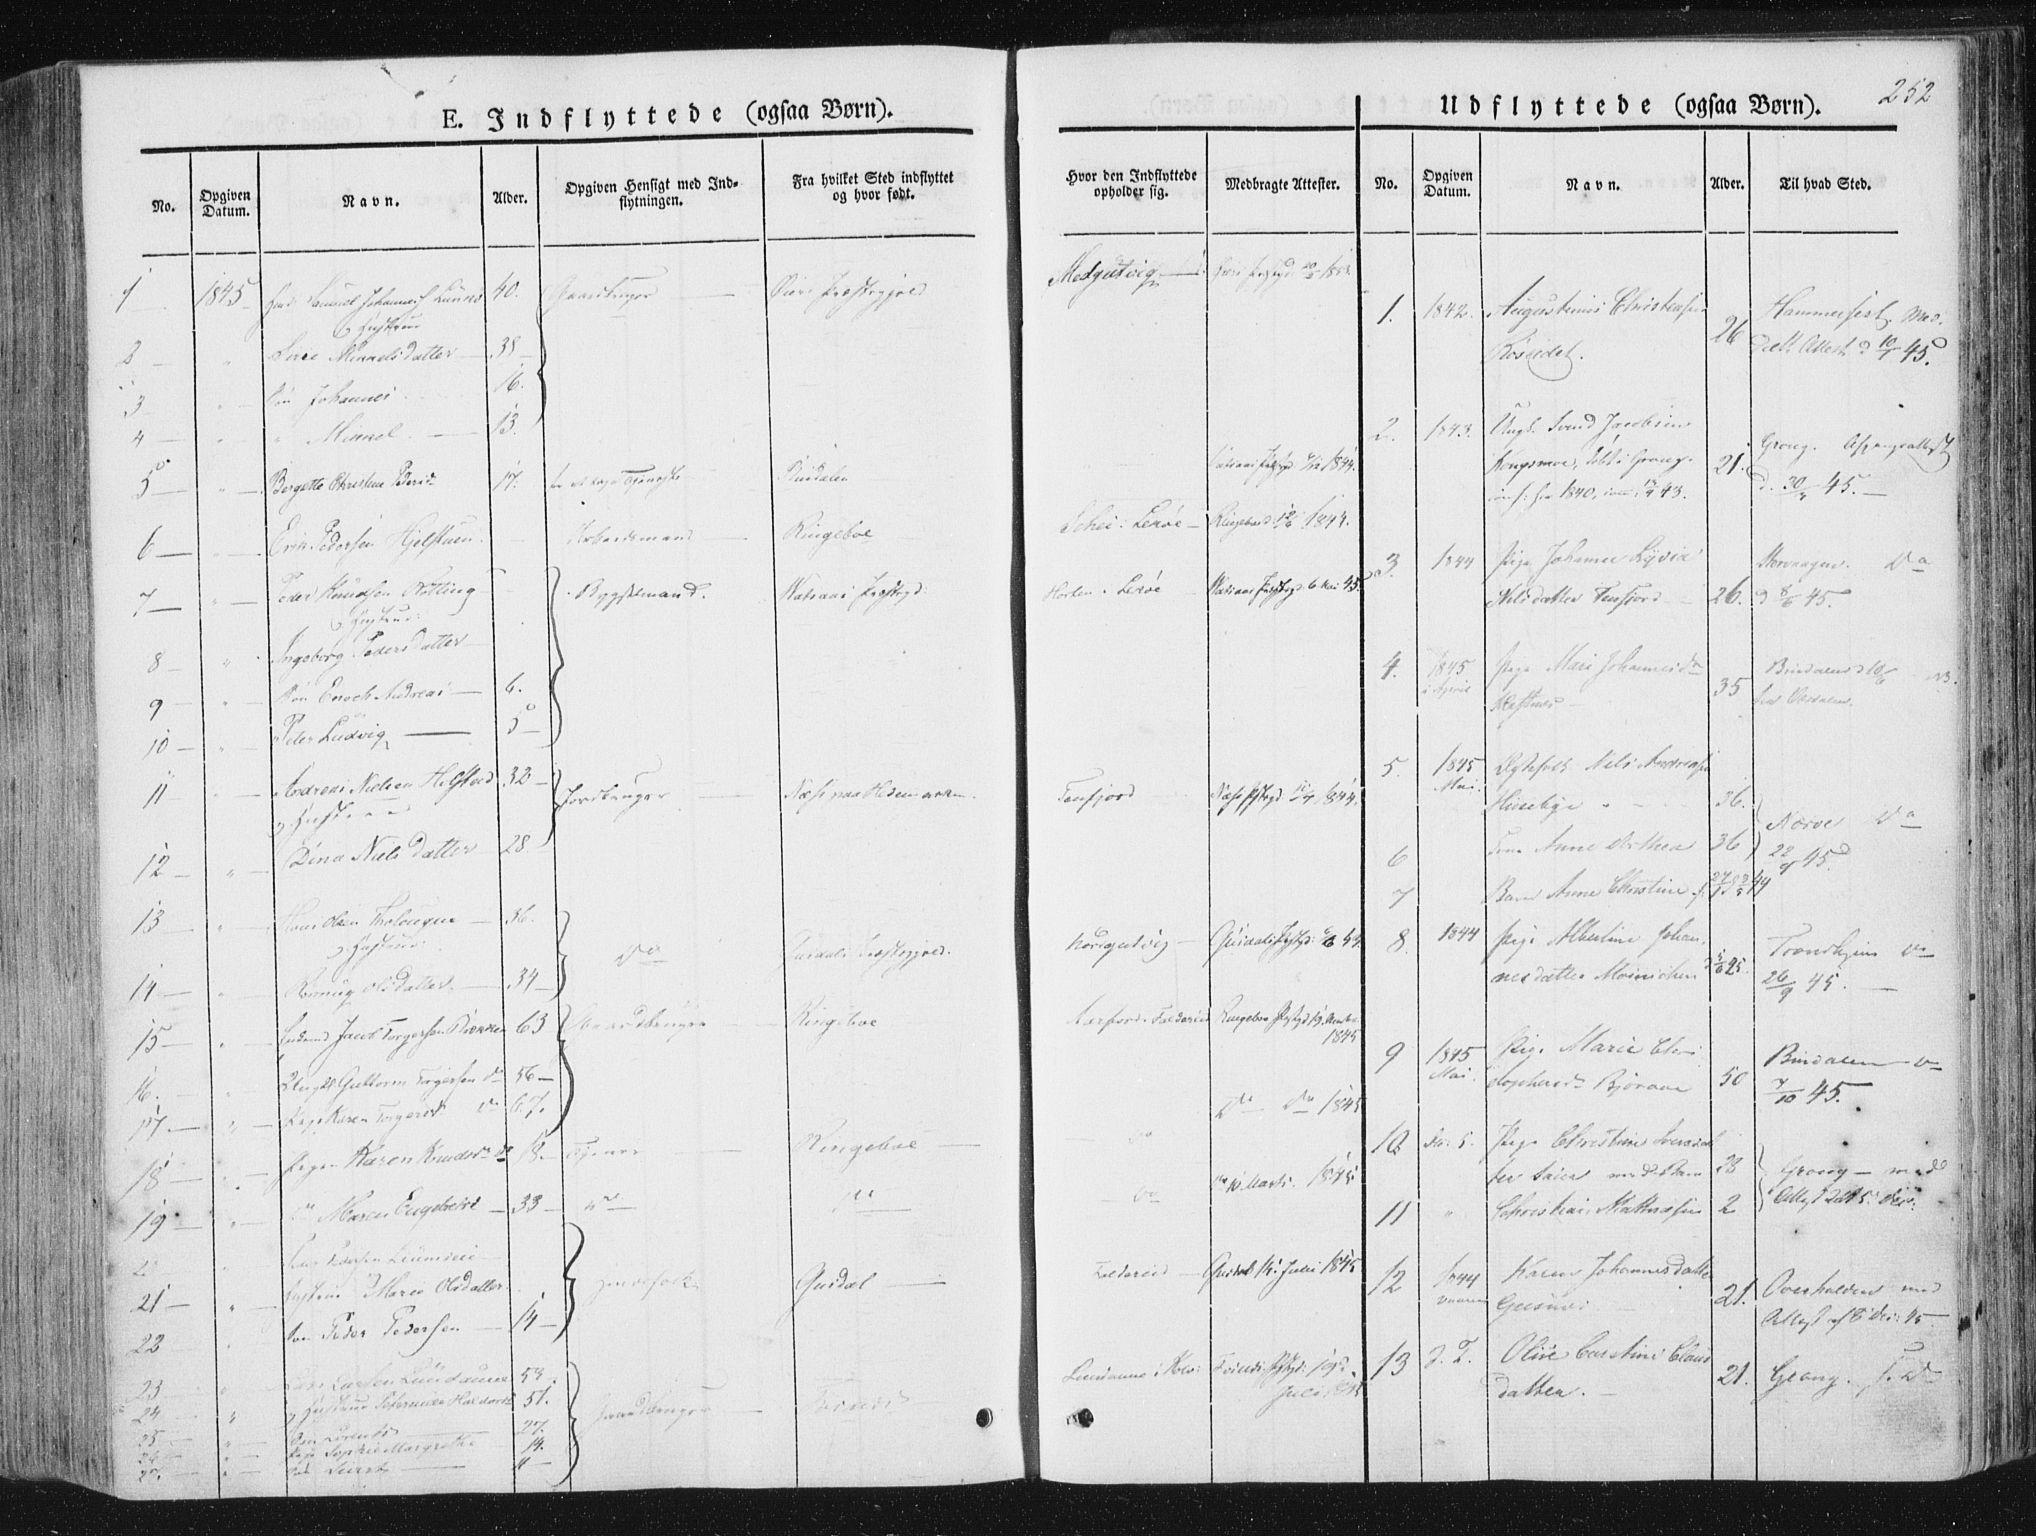 SAT, Ministerialprotokoller, klokkerbøker og fødselsregistre - Nord-Trøndelag, 780/L0640: Ministerialbok nr. 780A05, 1845-1856, s. 252